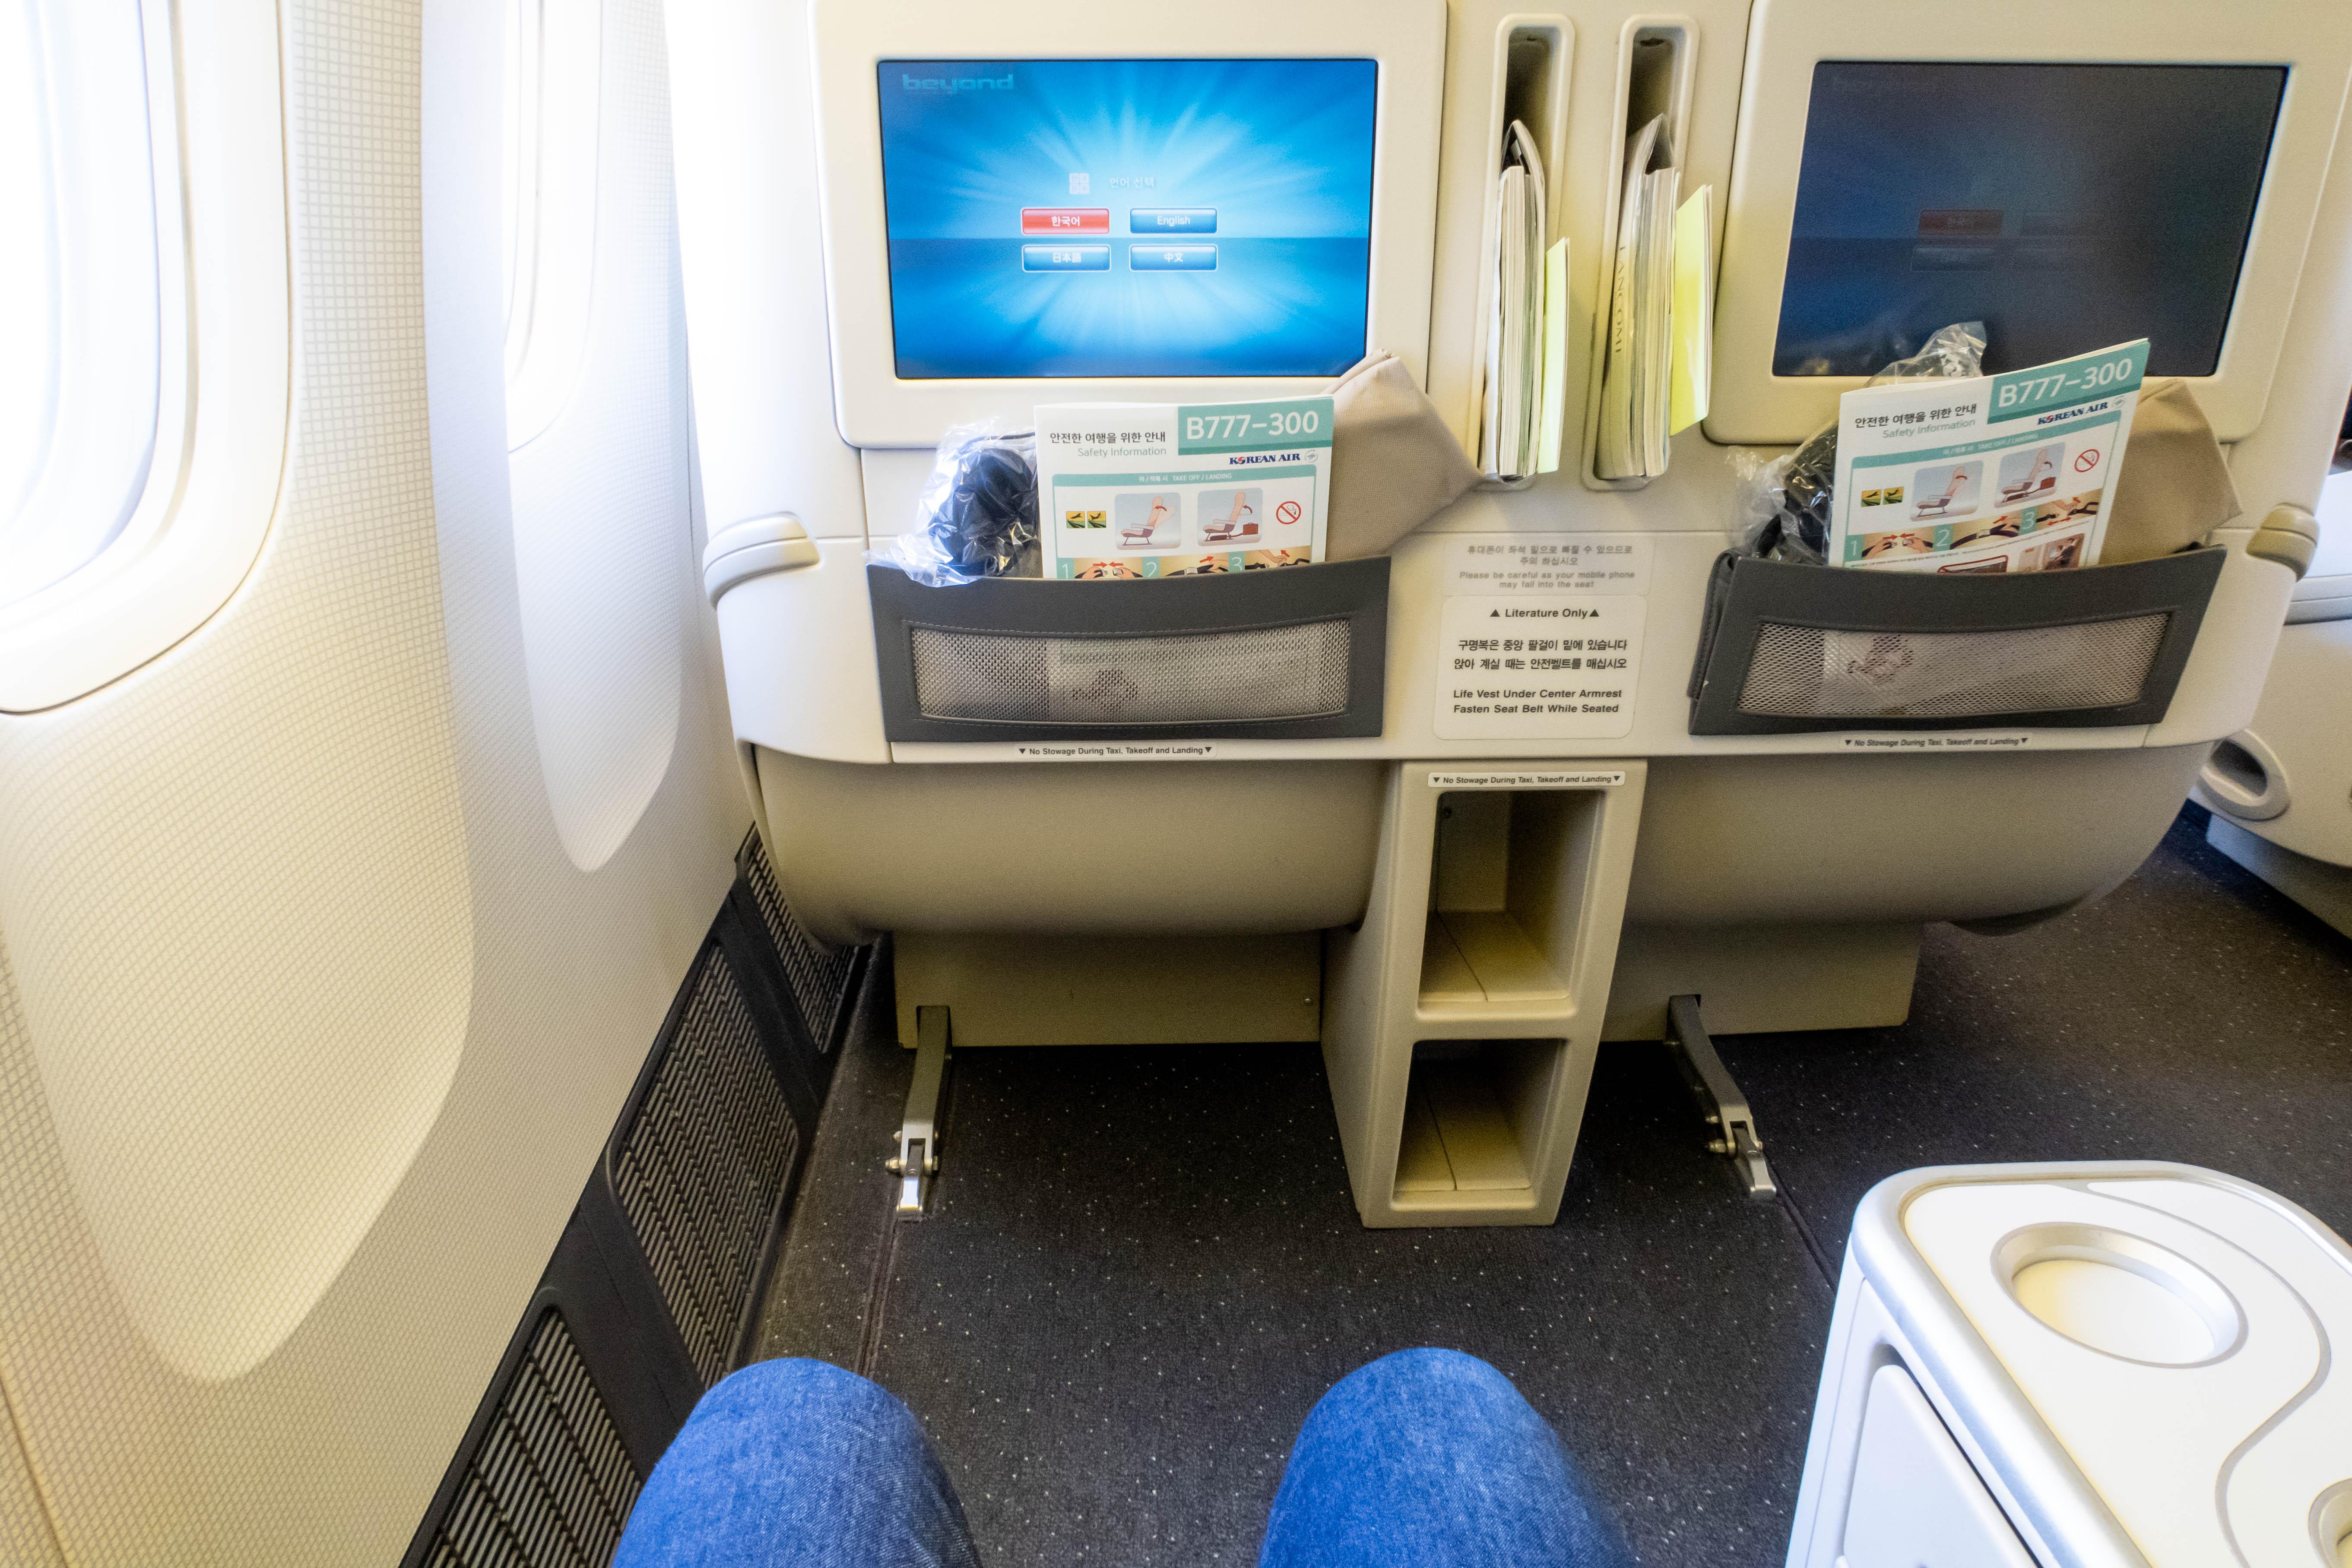 Korean Air Boeing 777-300 Business Class Legroom